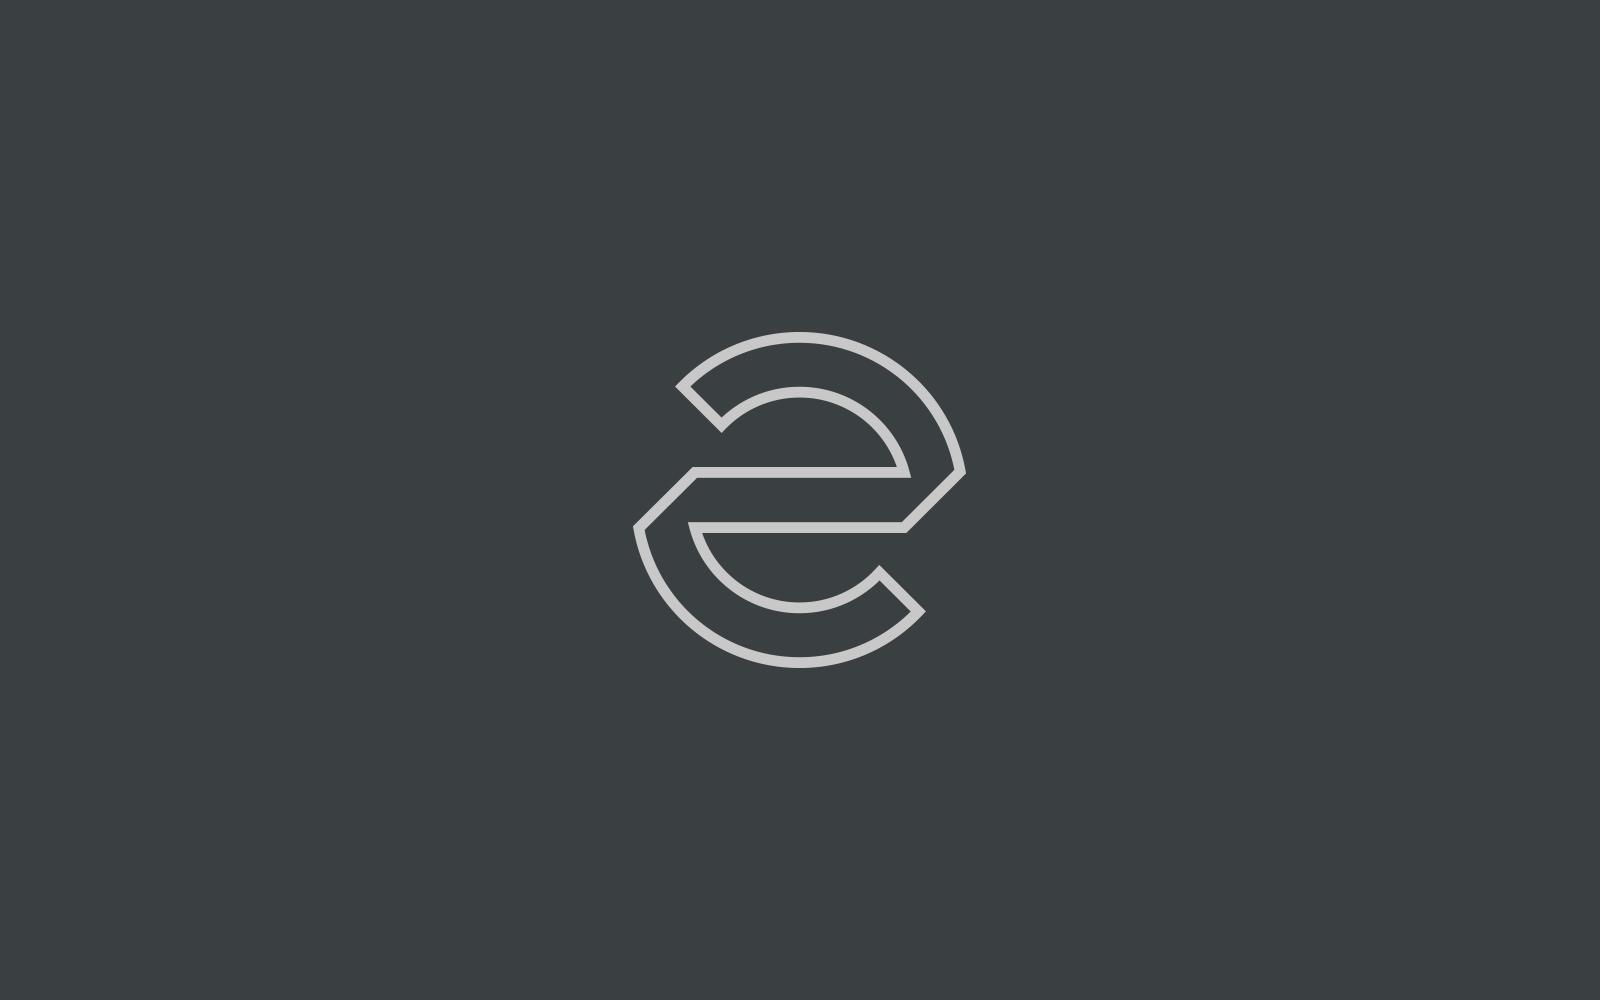 logo_1600p_e